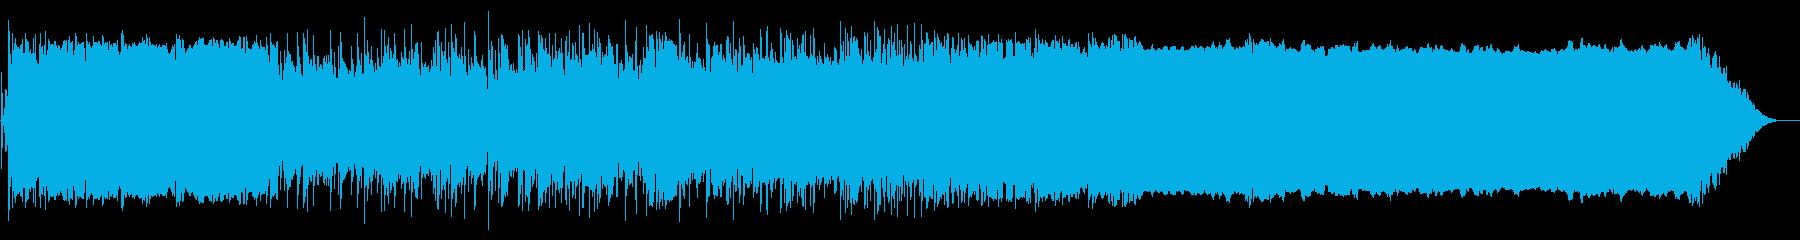 エンディング感のあるストリングスバラードの再生済みの波形